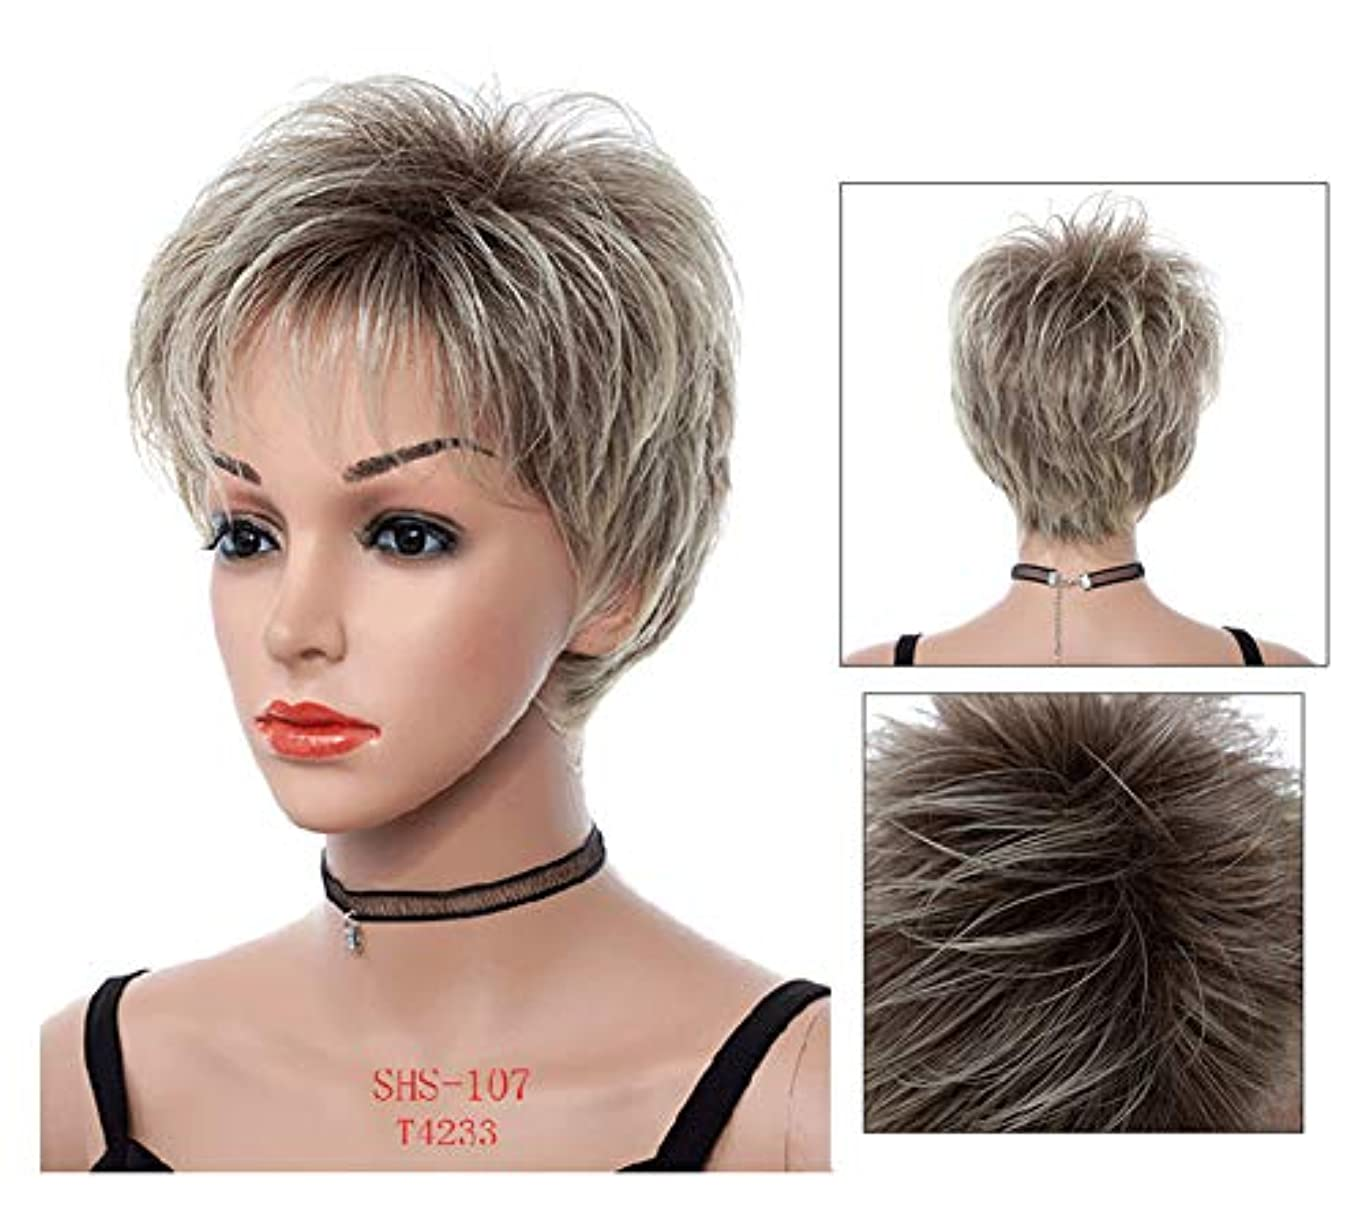 習熟度風が強い肉女性用フルウィッグ、デイリードレスコスプレパーティーヘアピース用8 ''ナチュラルショートヘア